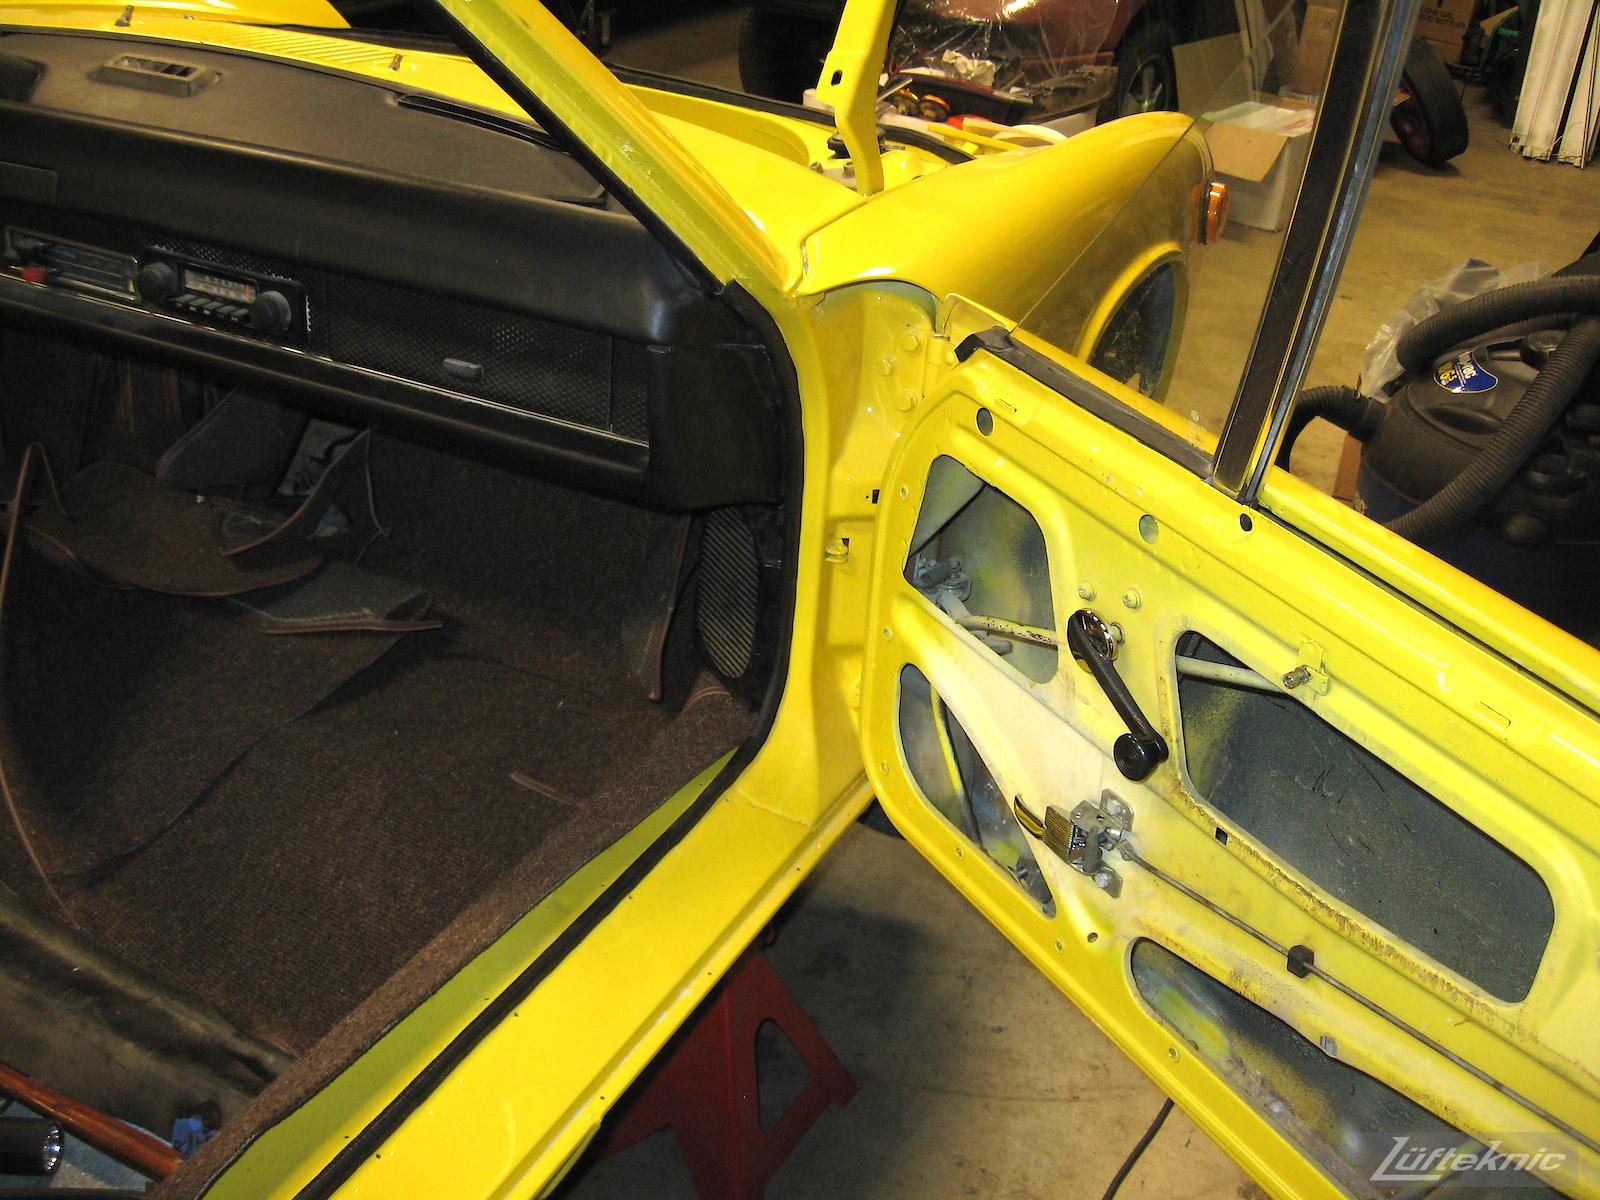 Door trim detail on a Porsche 914 being restored.